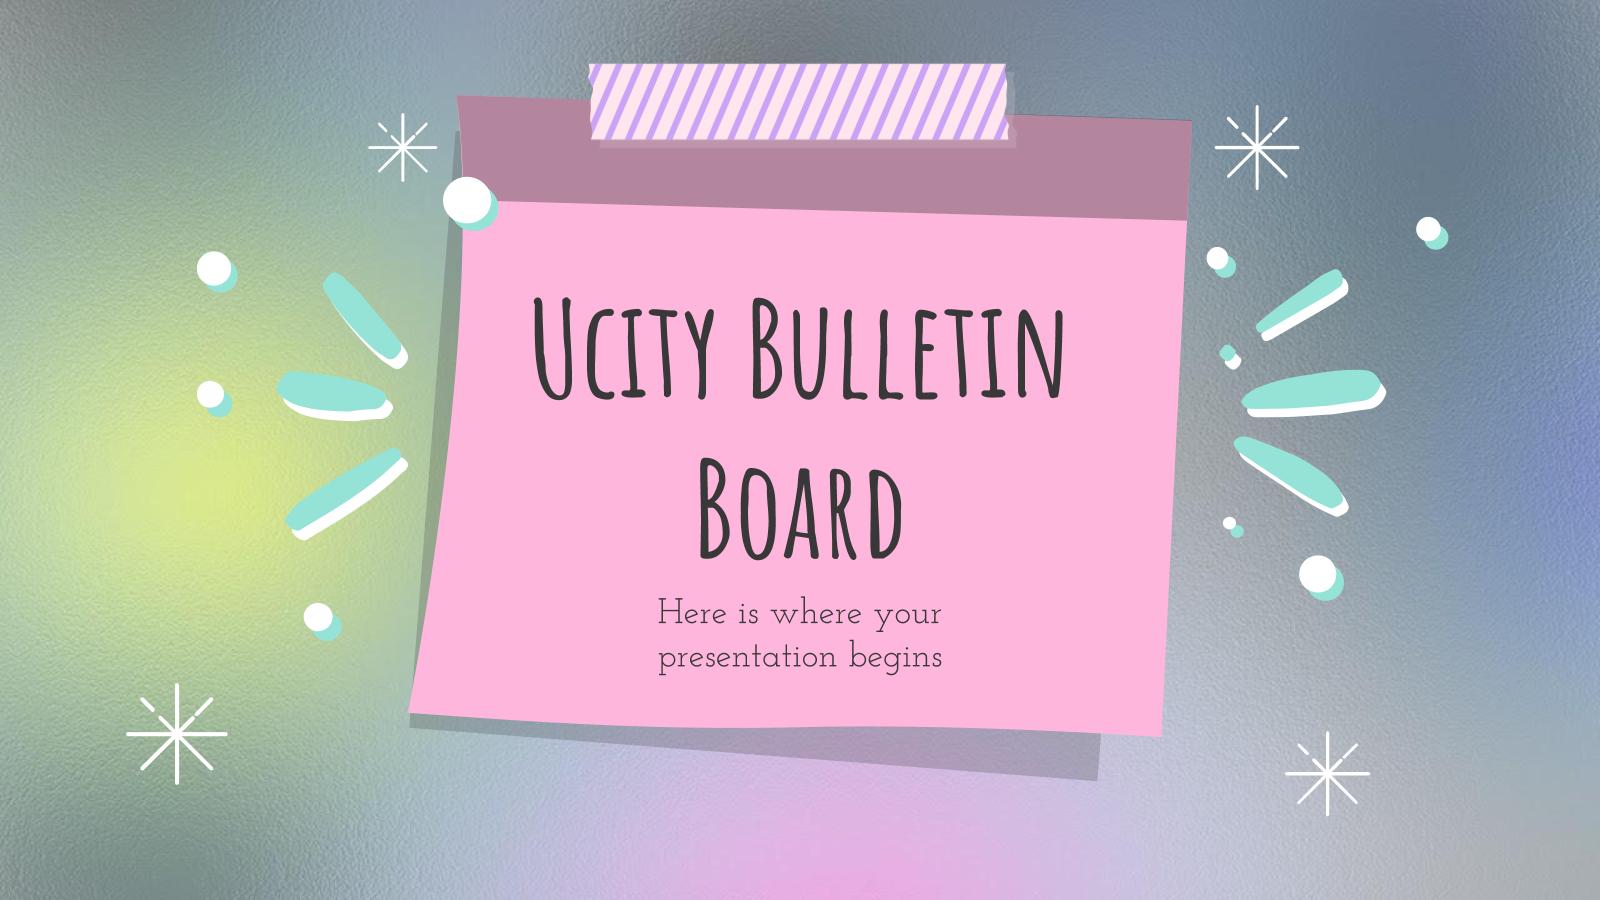 Modelo de apresentação Quadro de anúncios Ucity